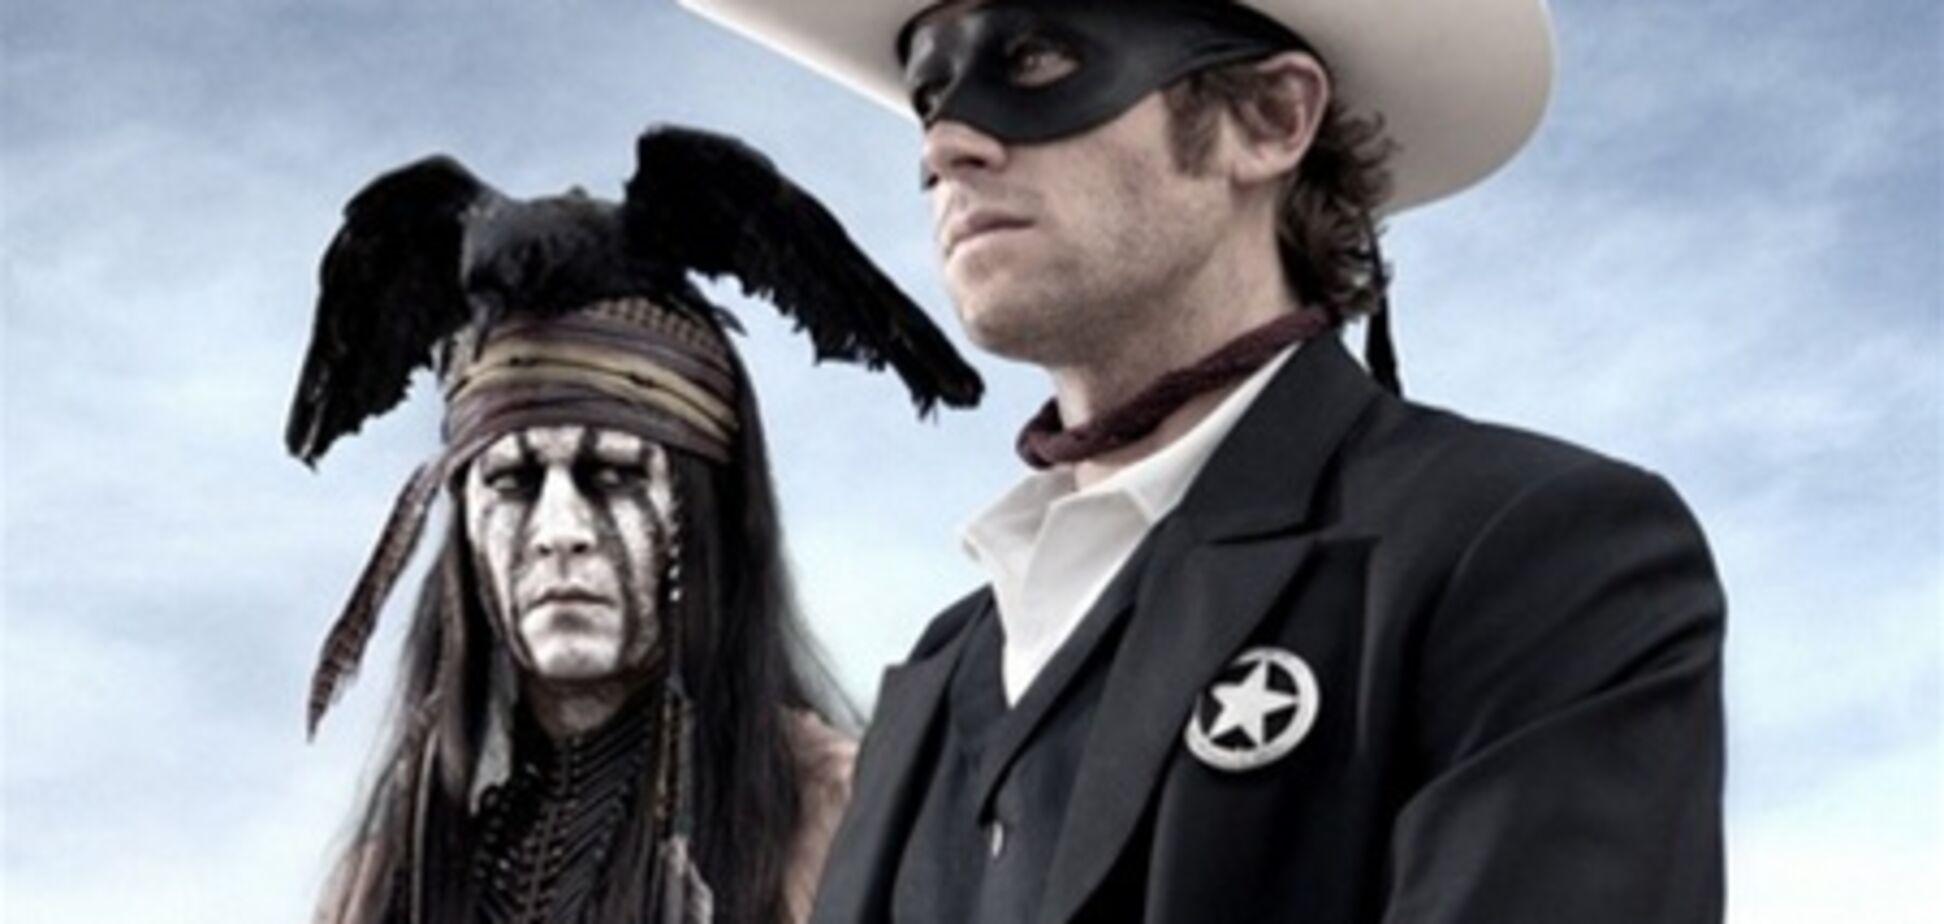 Джонни Депп на съемках 'Одинокого рейнджера'